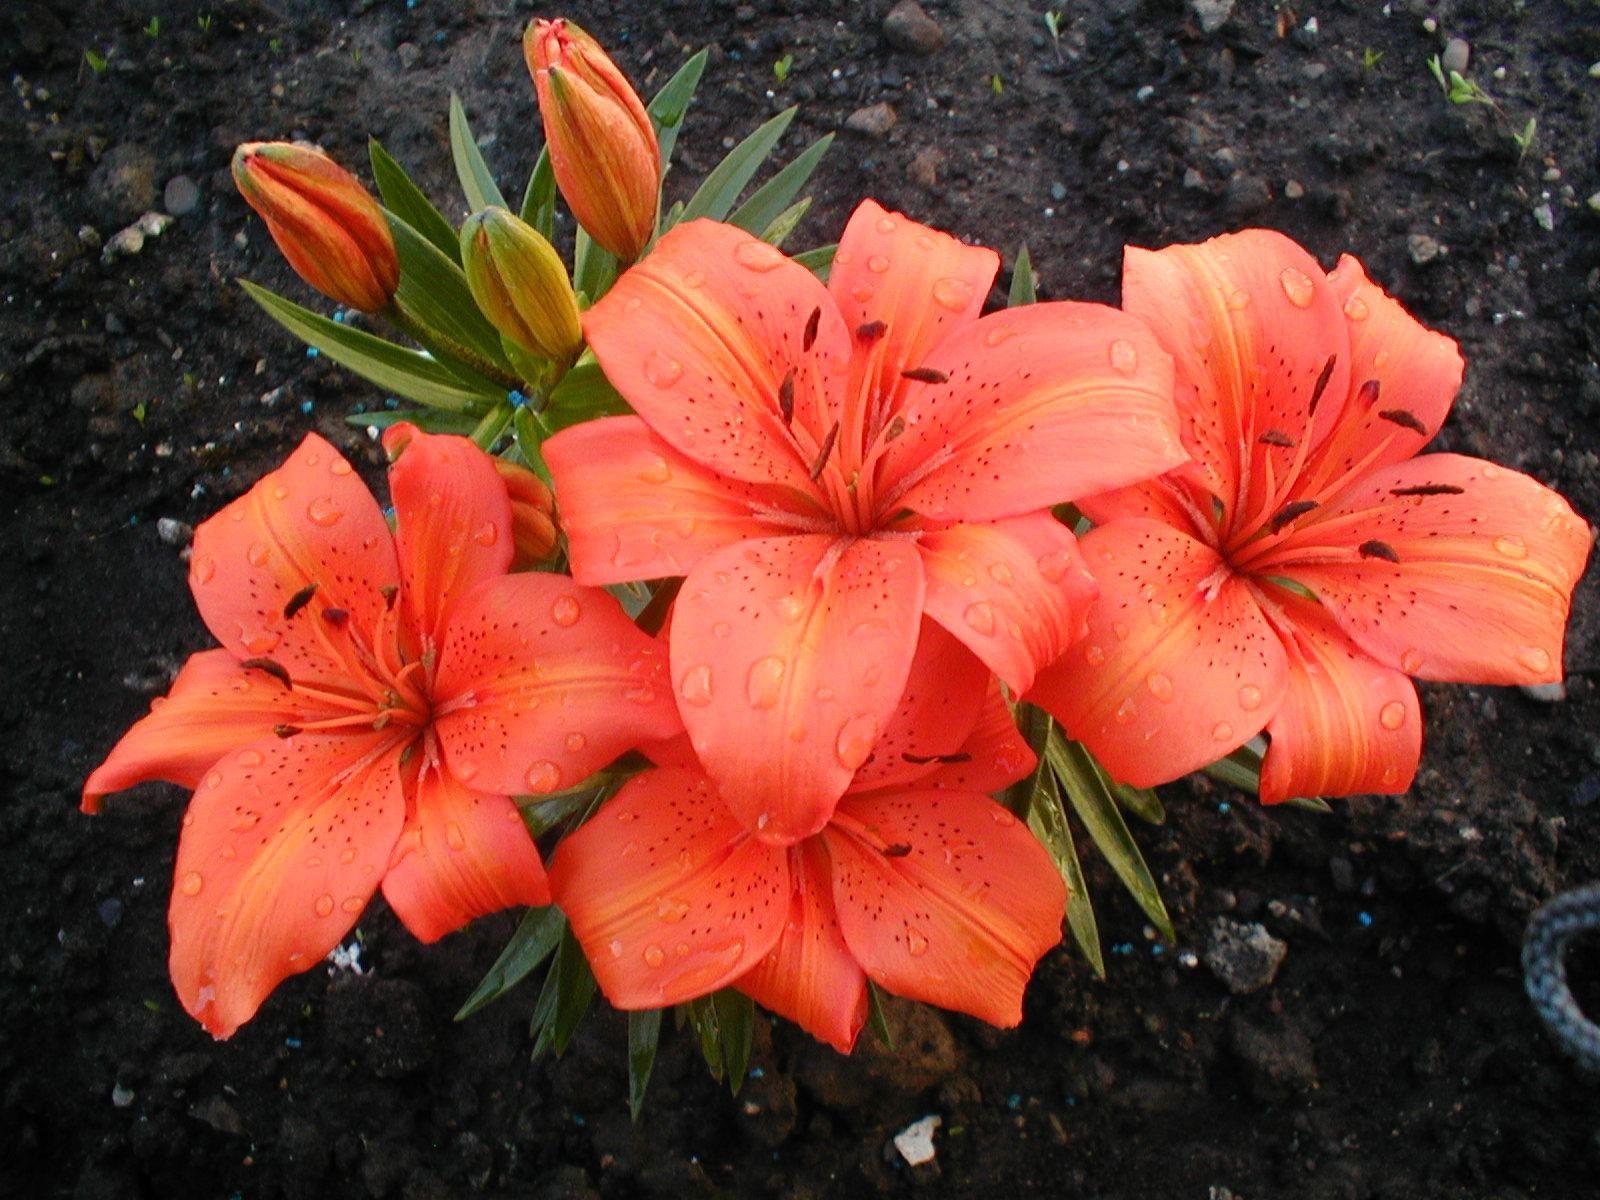 fond d 39 cran rouge fleurs de lys l 39 automne feuille fleur laissez tomber lis flore. Black Bedroom Furniture Sets. Home Design Ideas